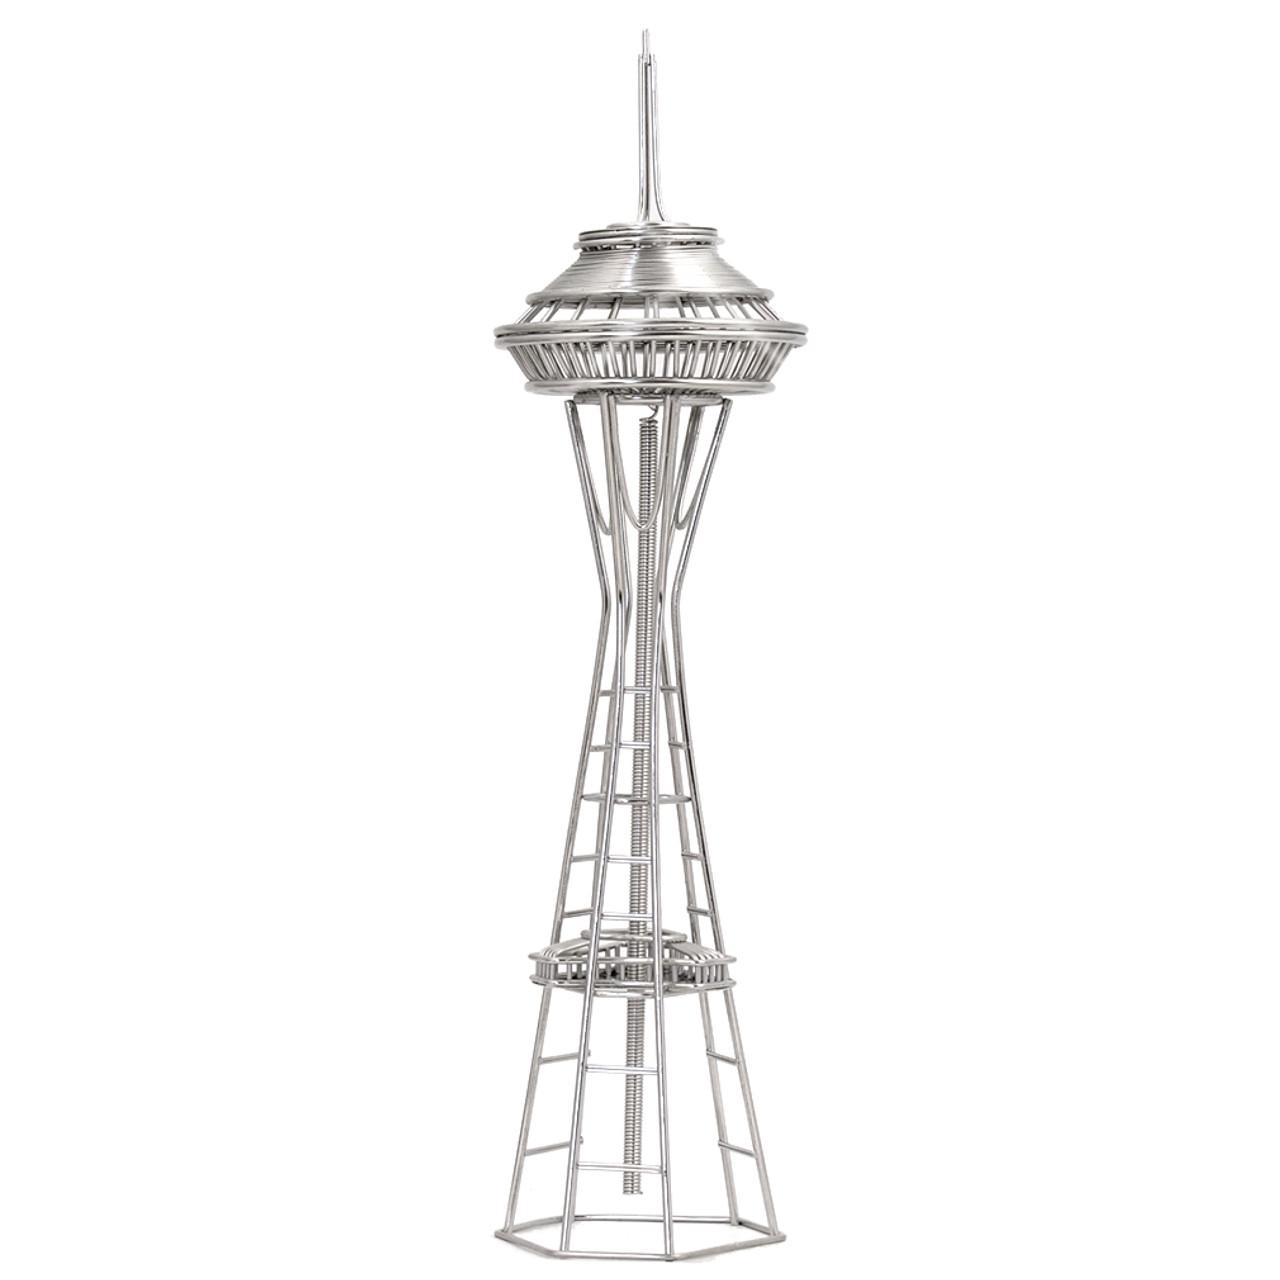 seattle u0026 39 s space needle wire model